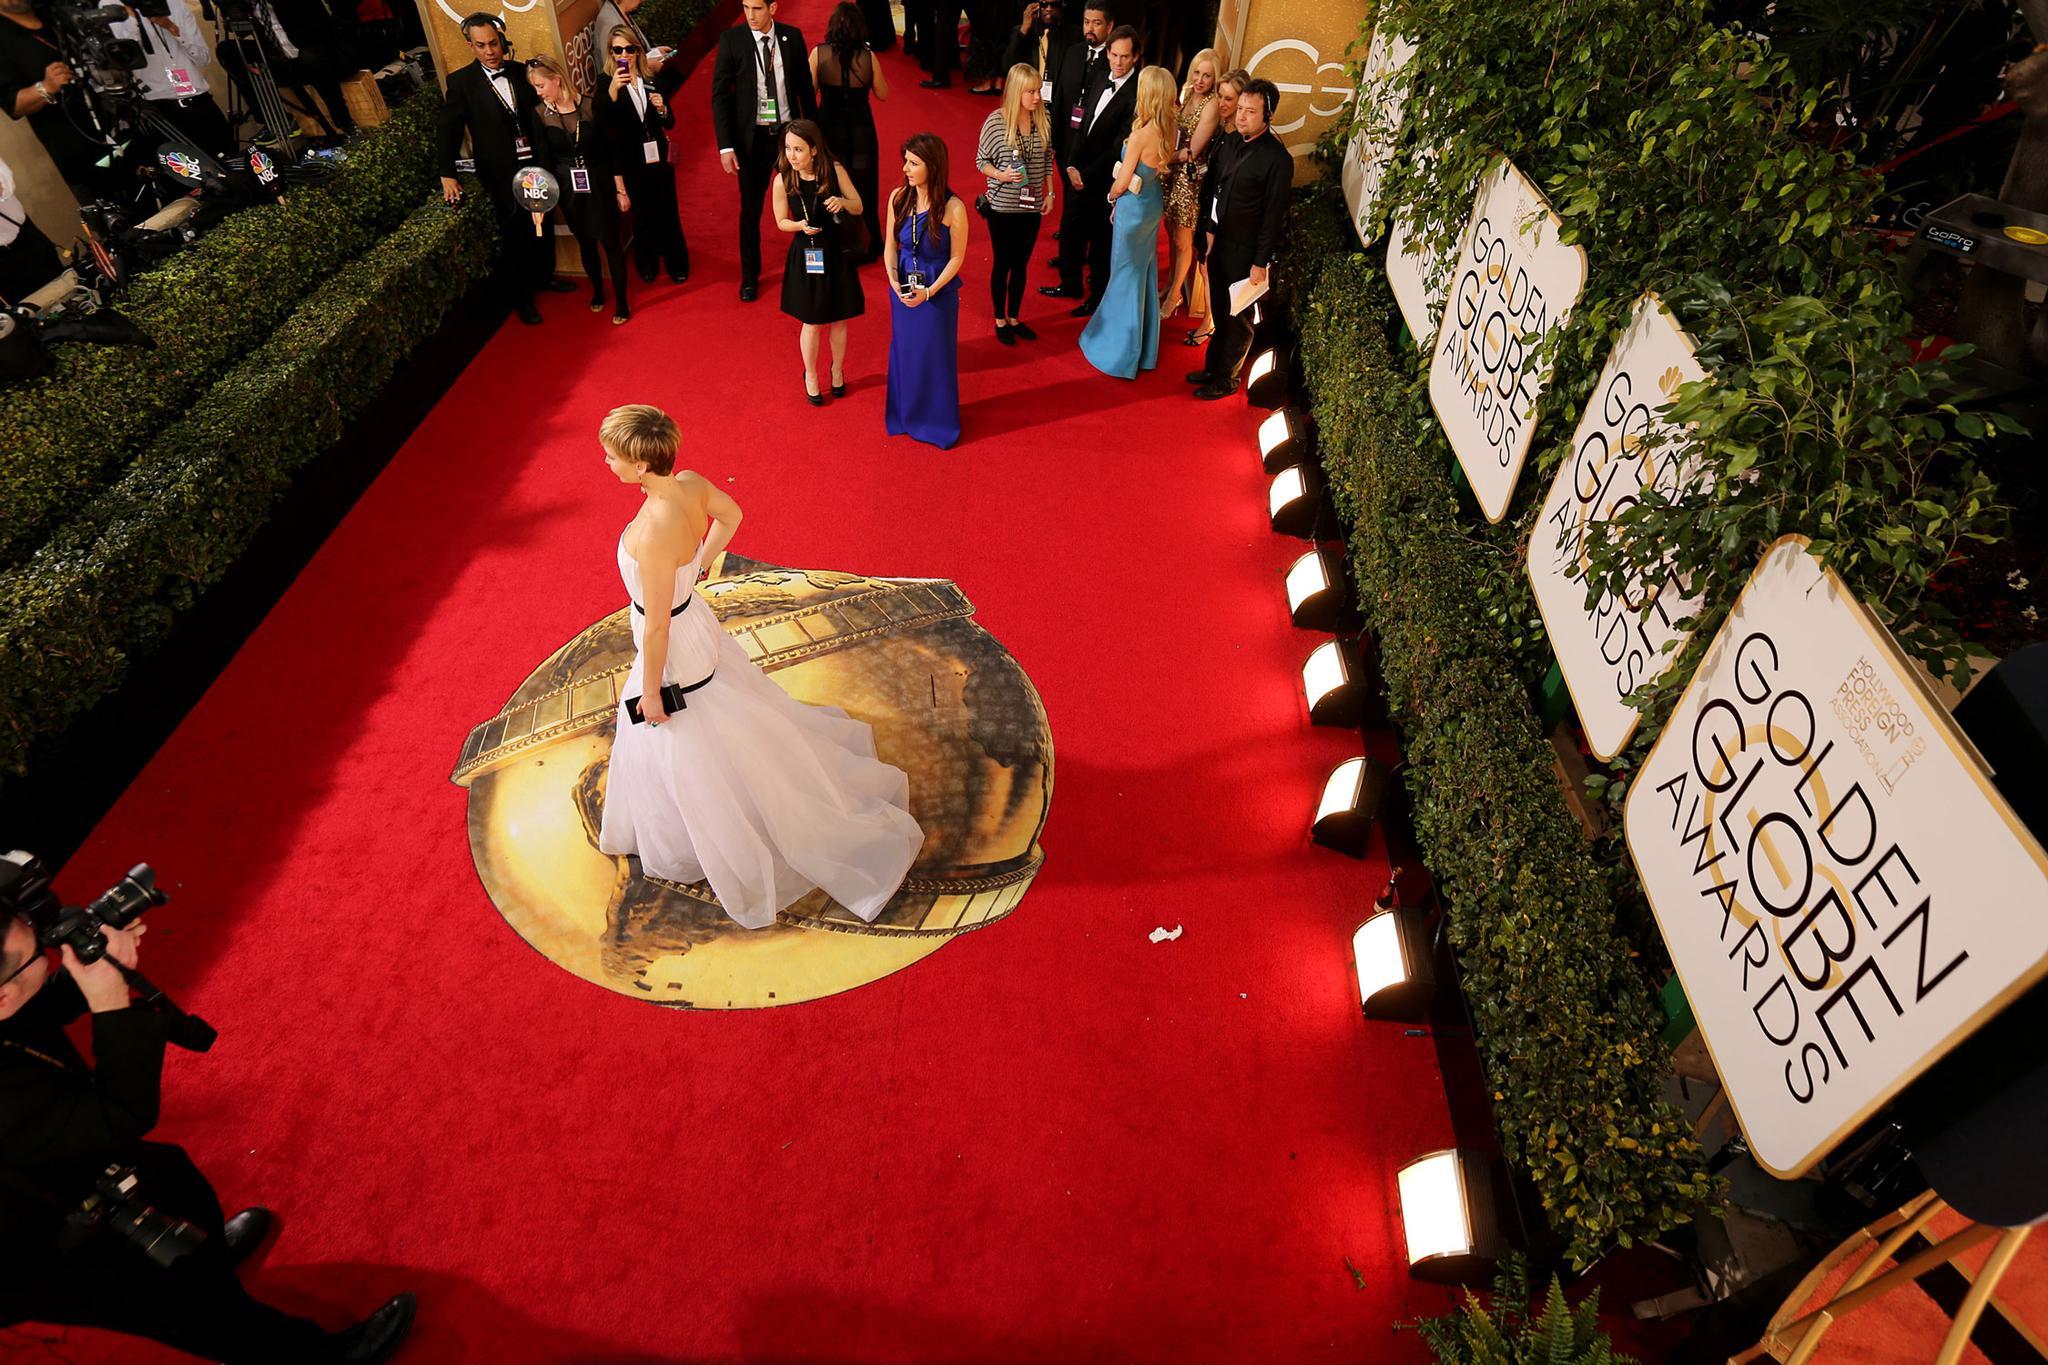 一年一度的金球奖颁奖典礼来了,为什么明星们集体穿上了黑色礼服?